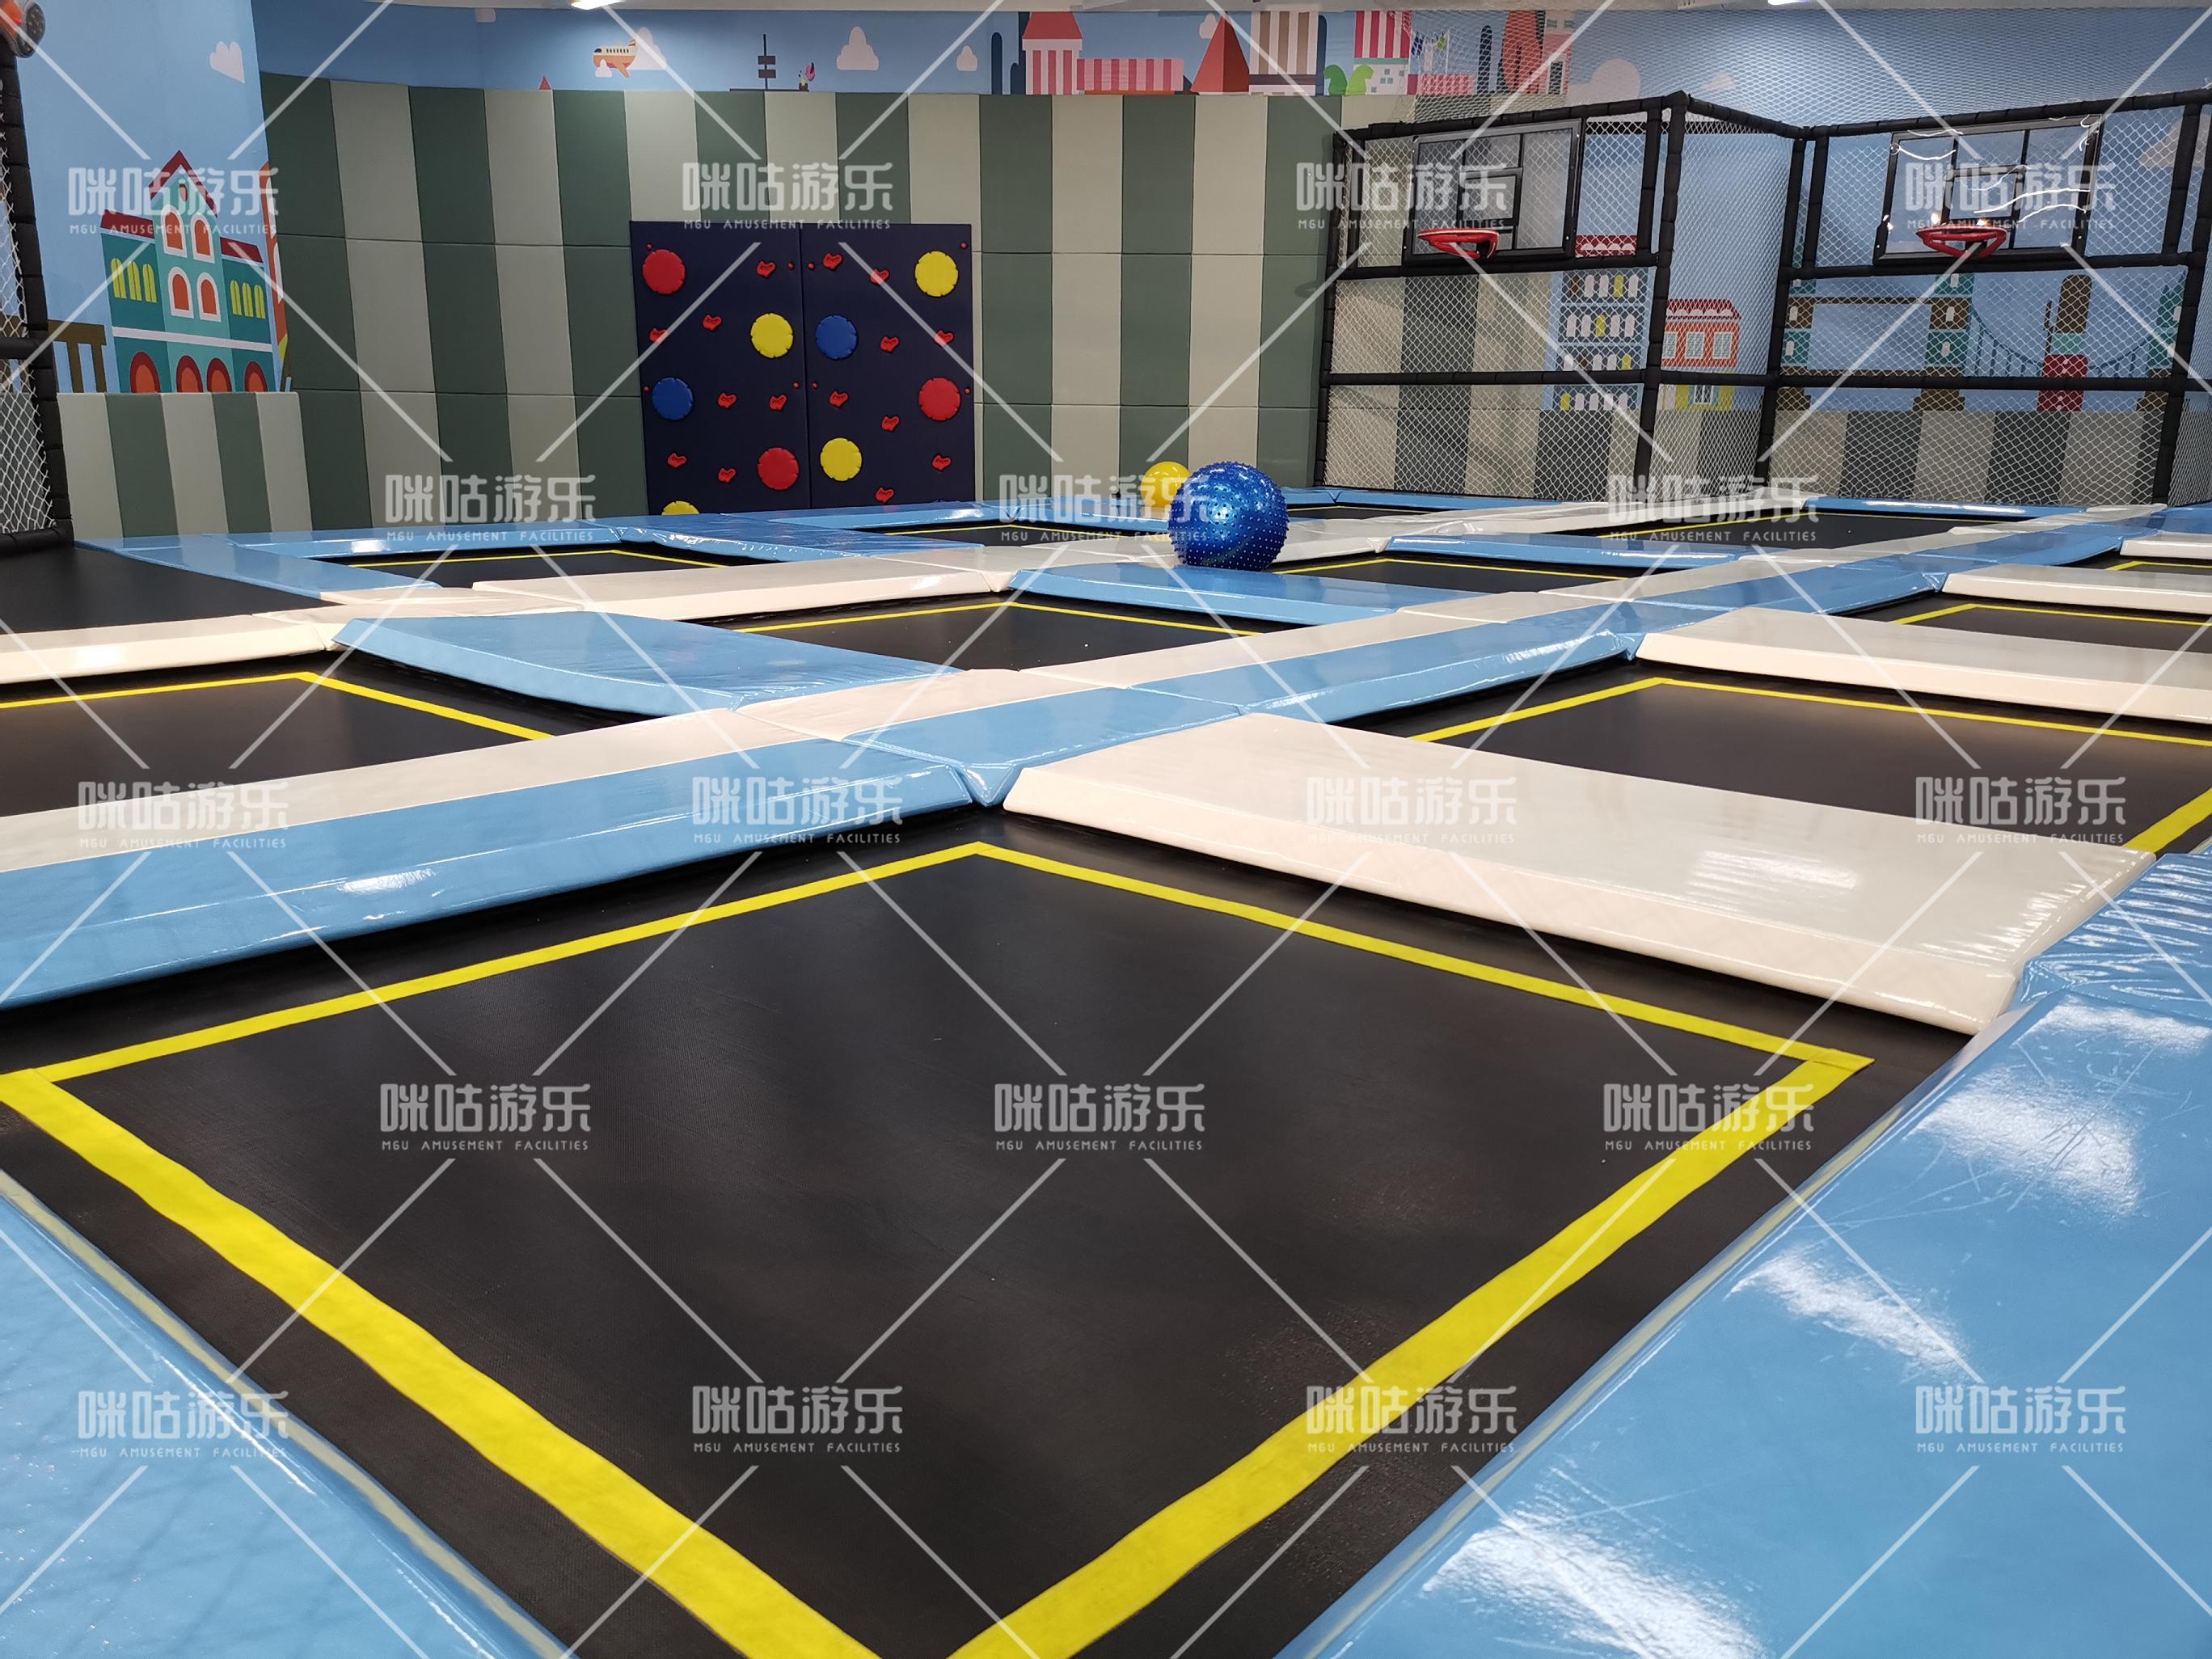 微信图片_20200429160007.jpg 定西大型儿童乐园设施 加盟资讯 游乐设备第2张